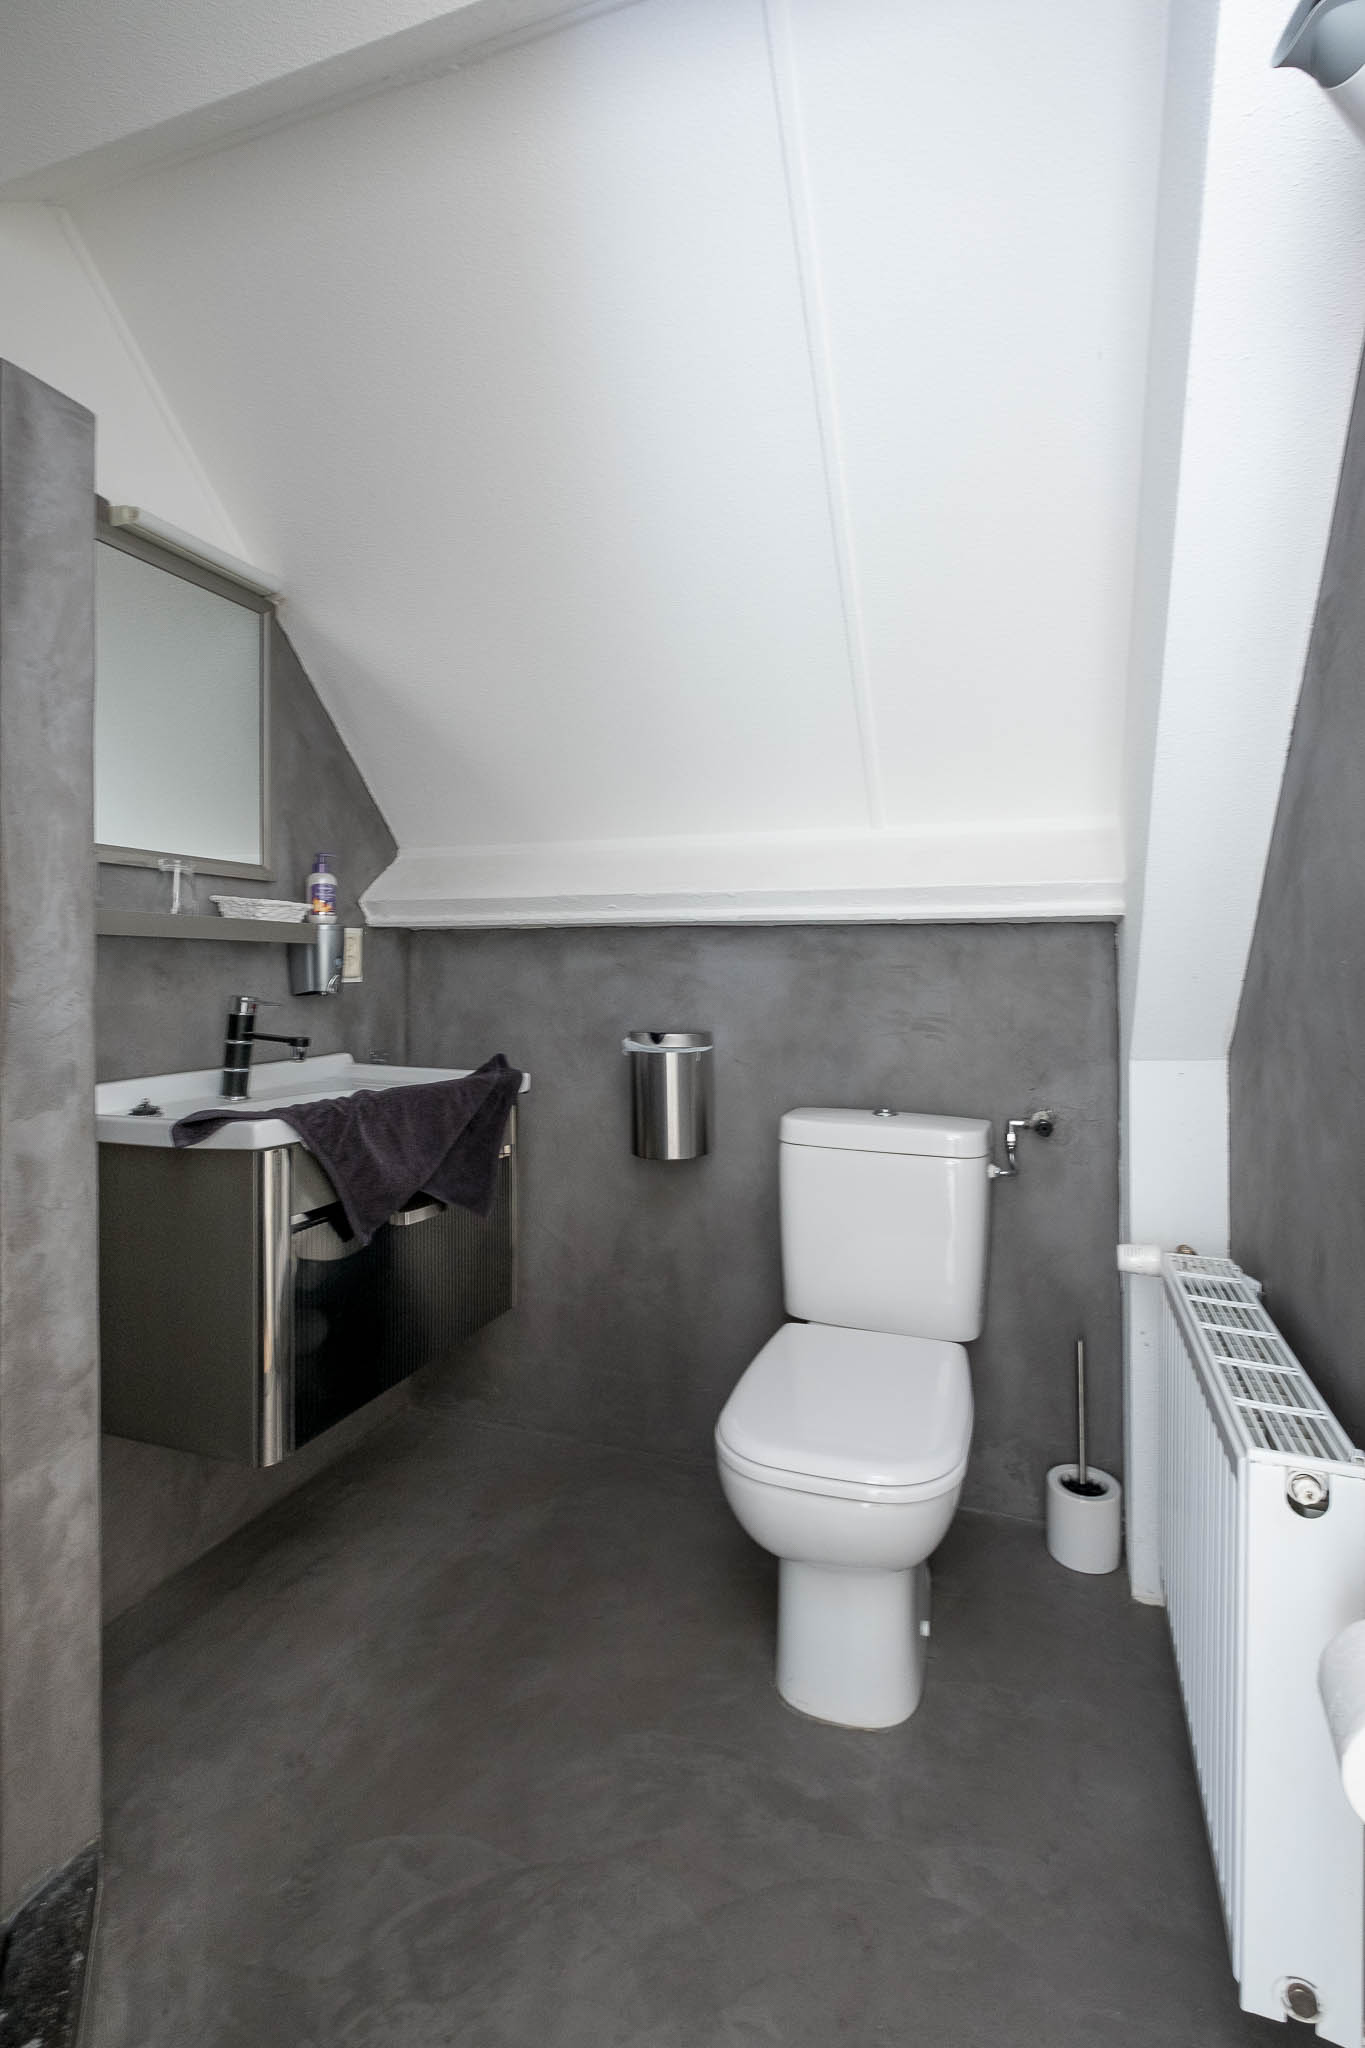 kamer 7 - 8 badkamer